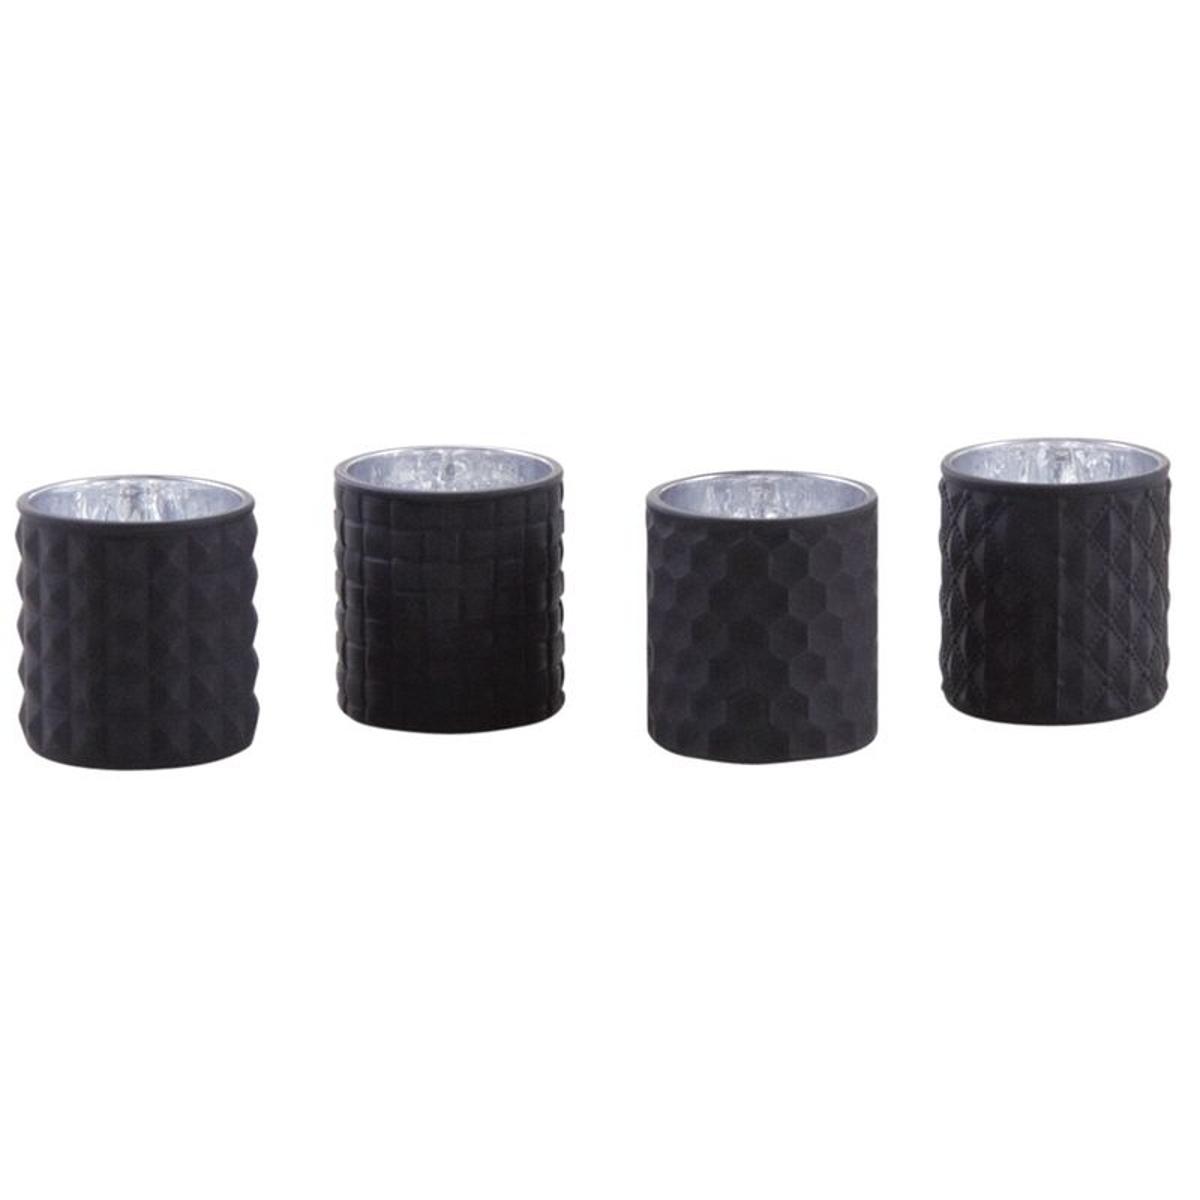 Photophore noir en verre teinté mat (Lot de 4)